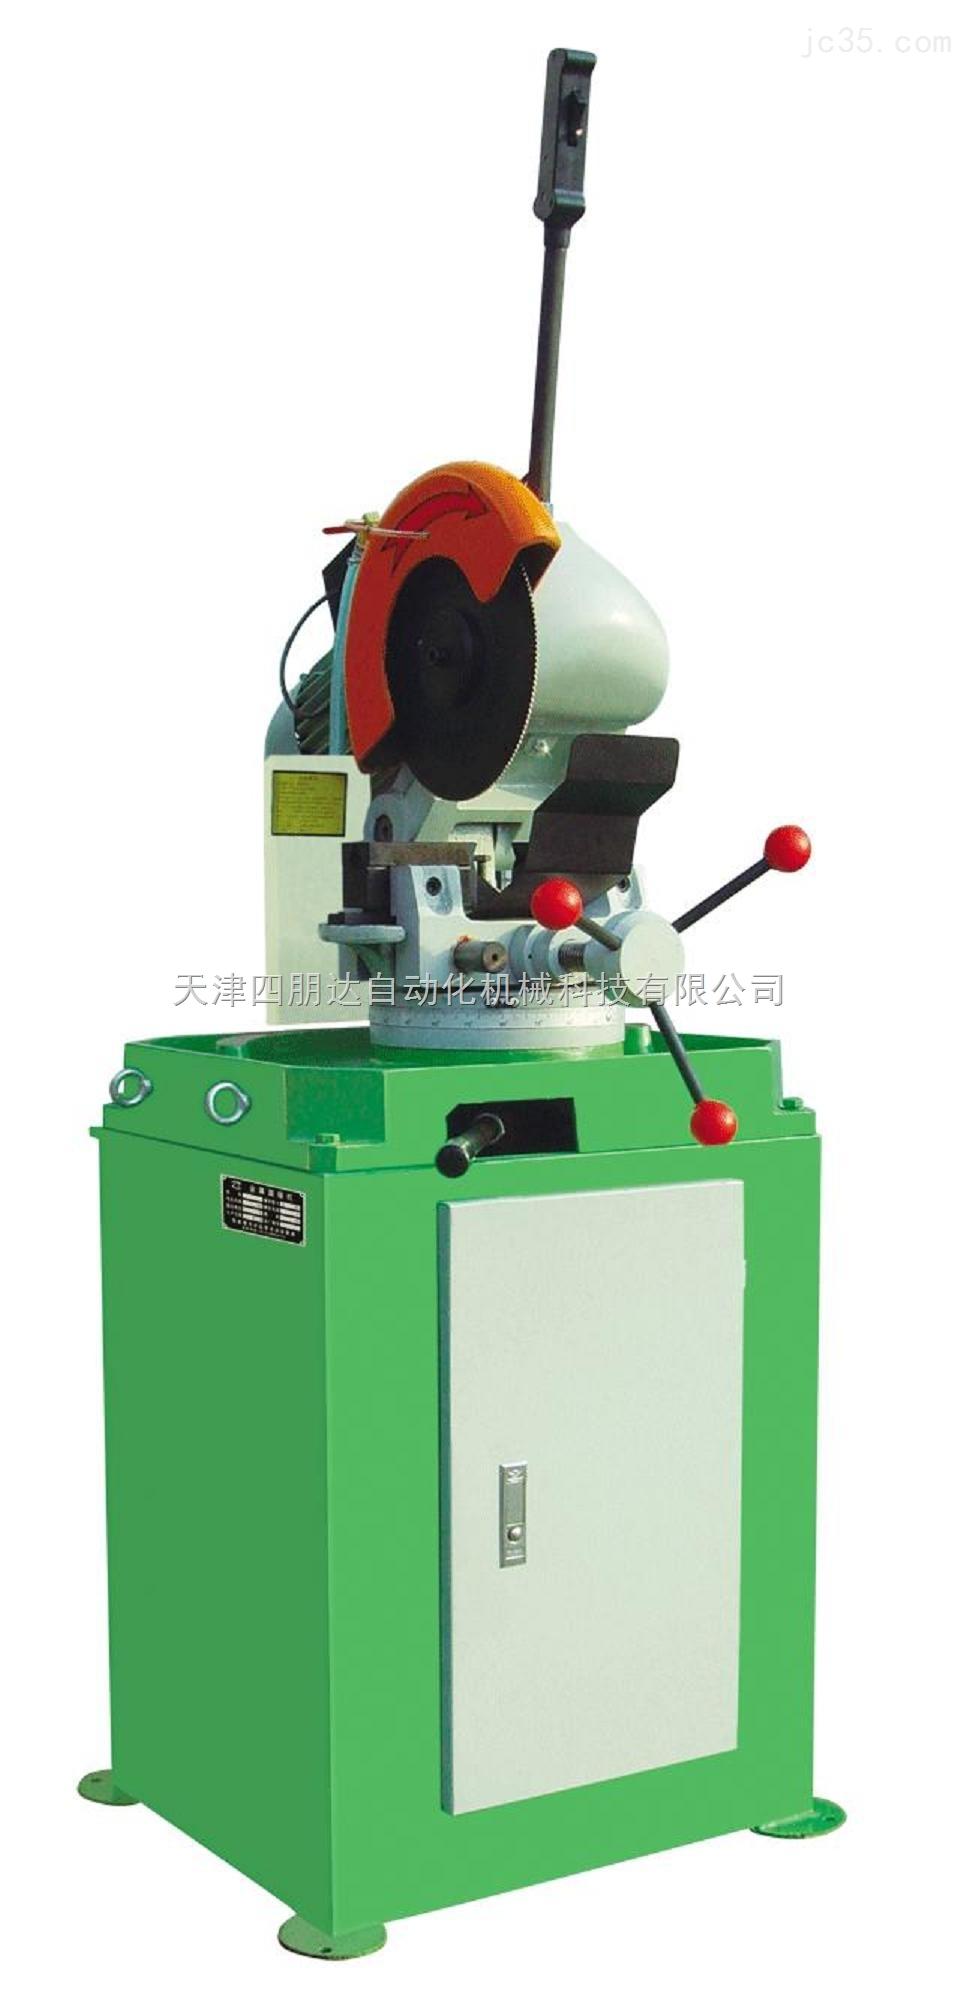 mc315f手动金属圆锯机